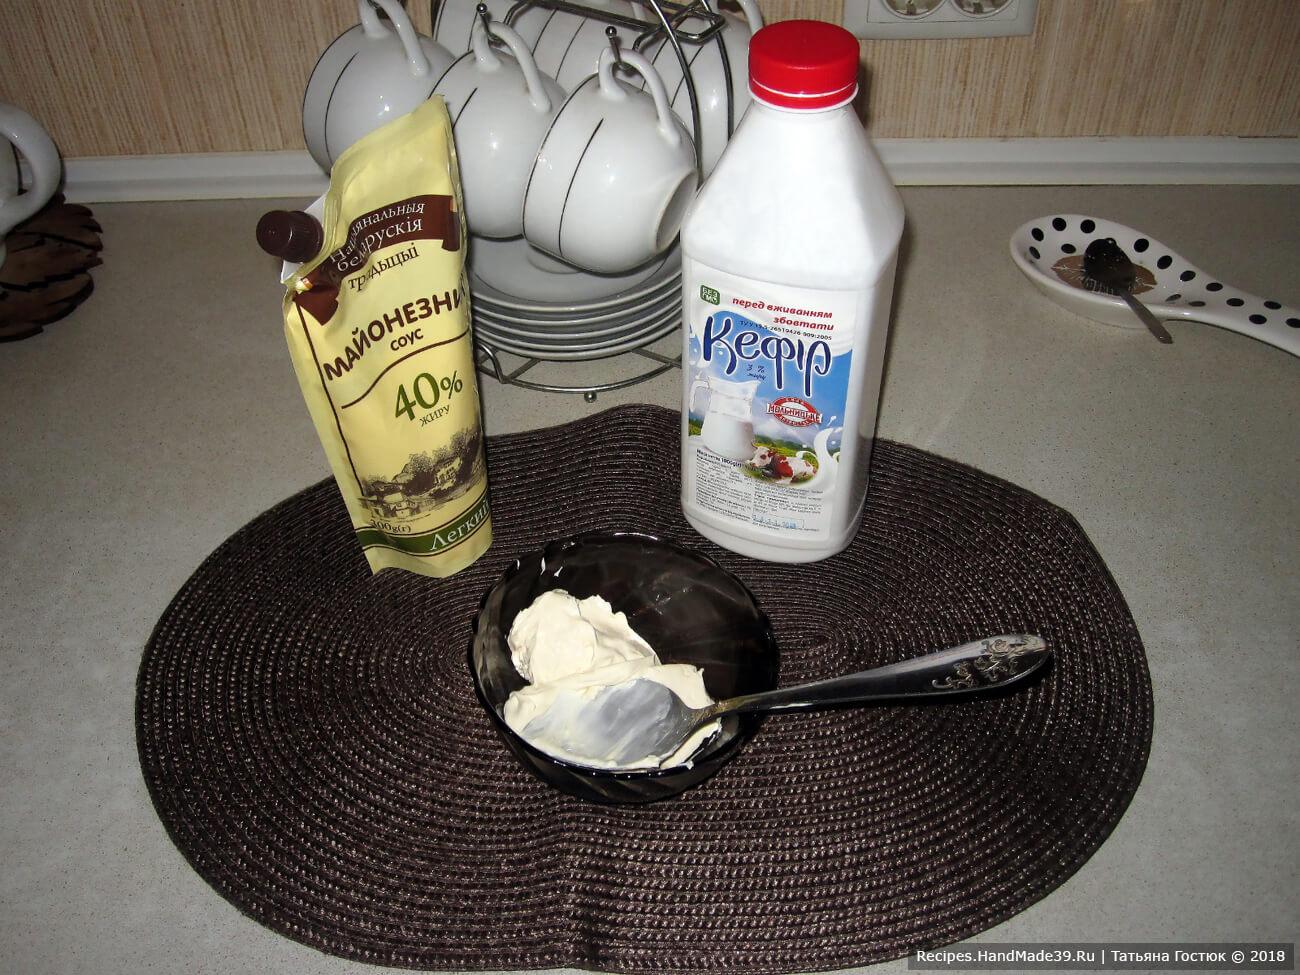 Вот основные продукты, которые понадобятся нам для приготовления настоящего соуса для шаурмы